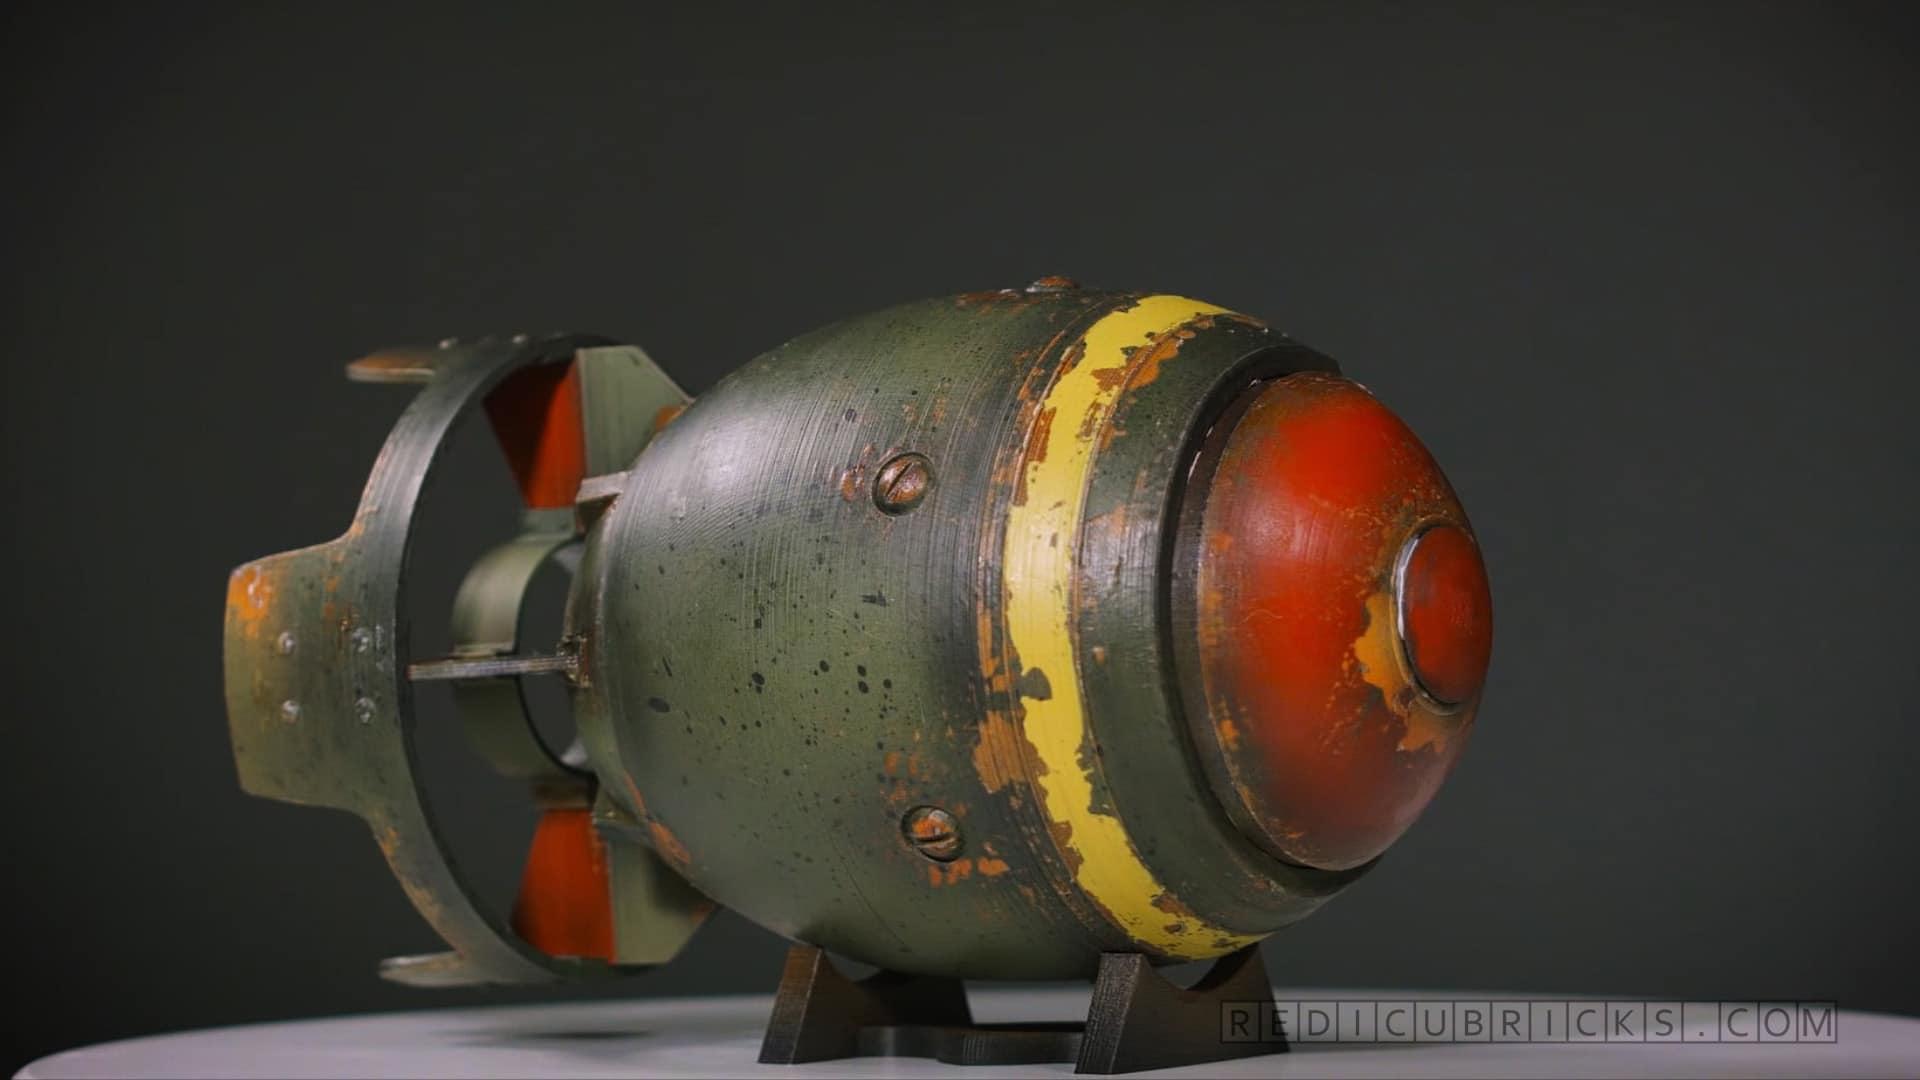 Atombomben können auch schön sein. (Foto: Redicubricks)